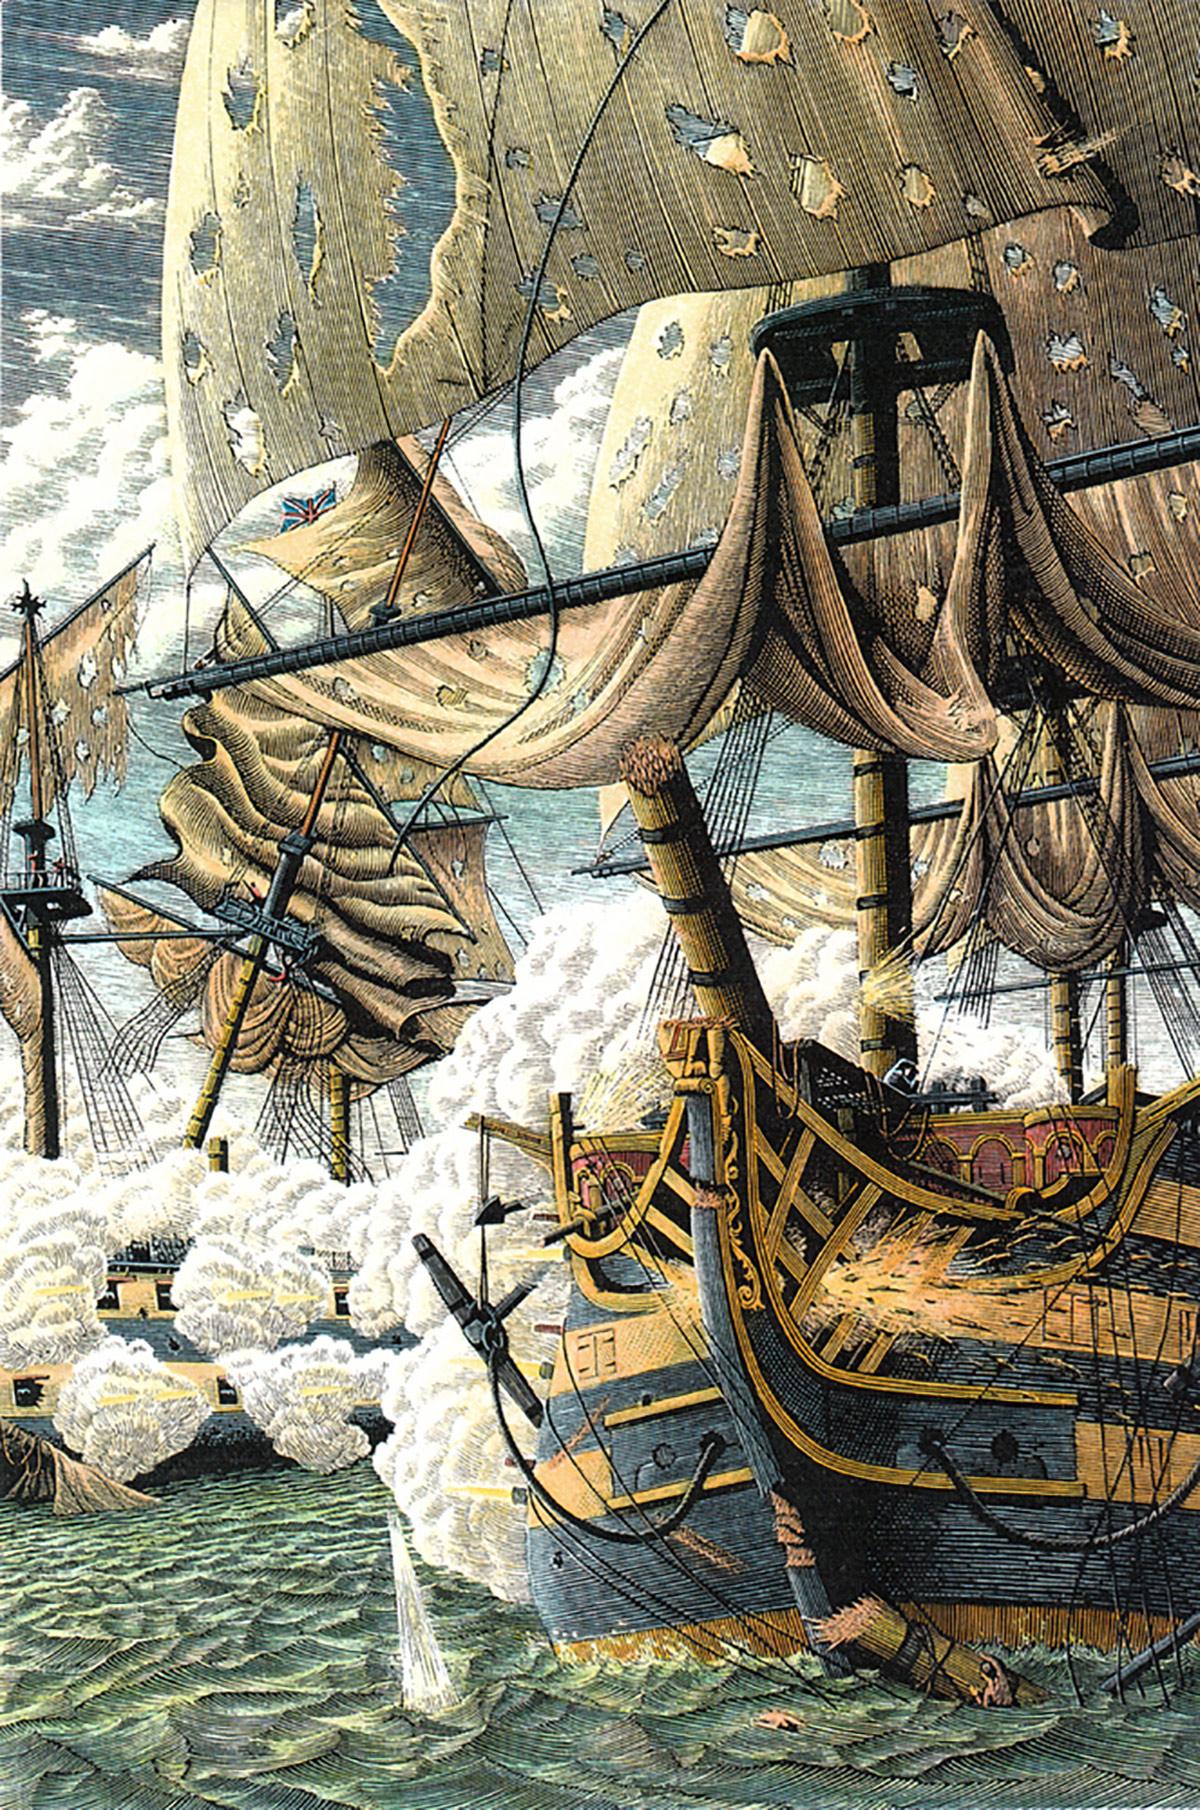 Richard Solomon - Douglas-Smith-250-Hornblower-ship-of-the-line